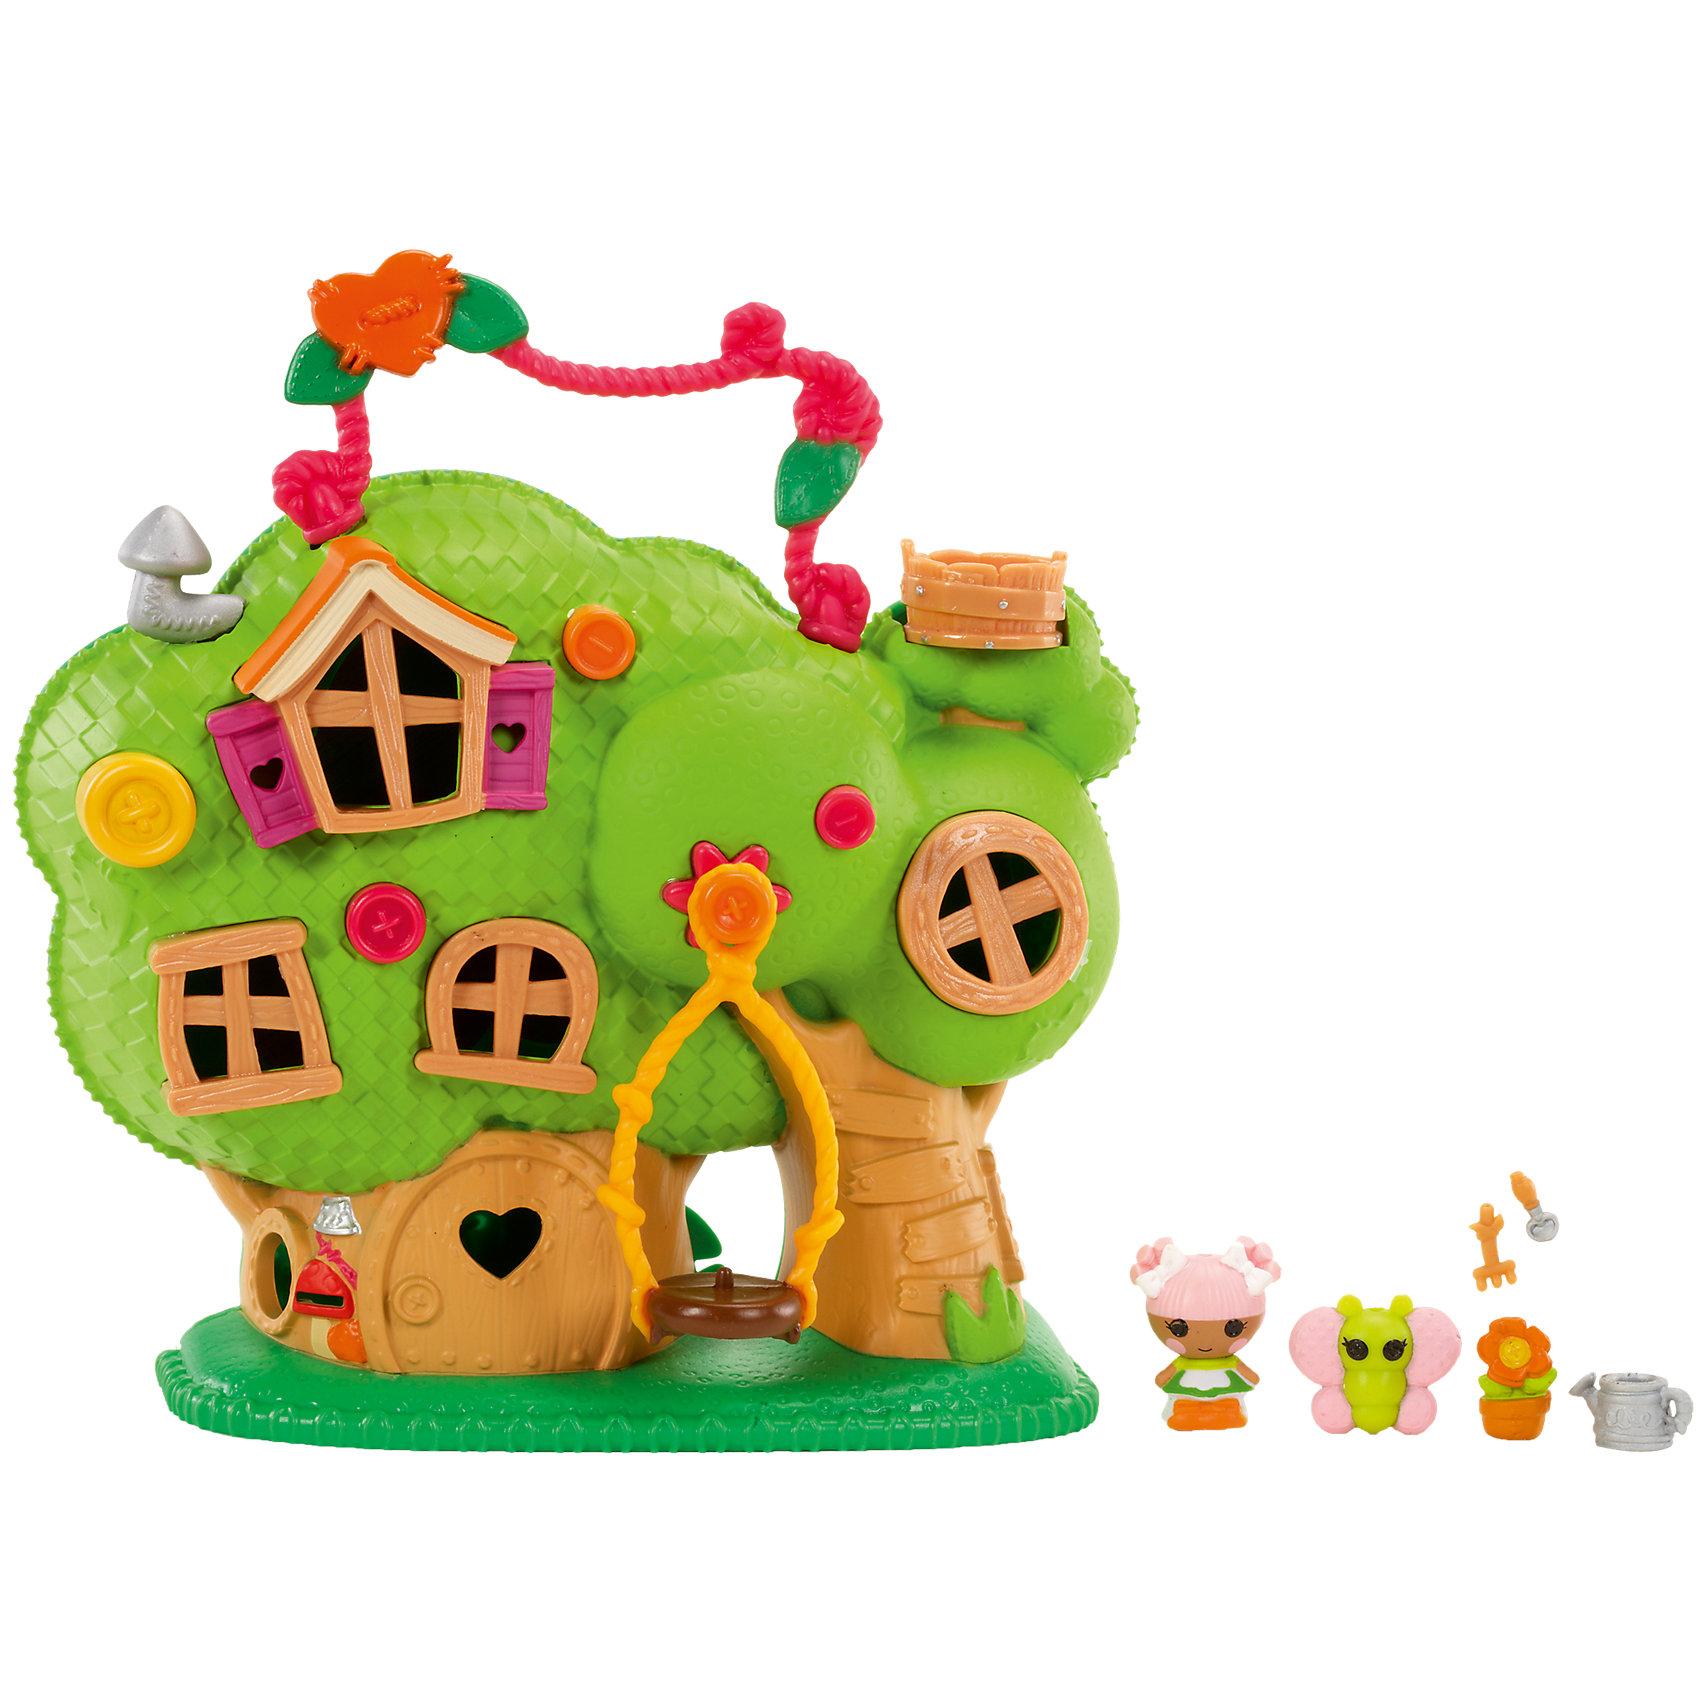 Игровой набор Домик на дереве, LalaloopsyДомик на дереве для Малюток Лалалупси (Lalaloopsy (Лалалупси) Tinies)! Это самые маленькие куколки из всего семейства Лалалупси, размером всего 2.5 см. У домика есть ручка, благодаря которой его можно носить как чемоданчик на прогулку или в гости. На дереве-домике закреплены качели со специальным креплением для куколок или их питомцев - качайся в свое удовольствие! В верхушке дерева расположился дозорный пост в виде деревянного ведерка. Чтобы играть внутри домика, необходимо открыть заднюю крышку, повернув специальный замочек. Внутри домика несколько помещений. В основном дереве расположено три комнаты - по одной на 3-х этажах. В небольшом дереве расположилась лестница и комната круглой формы. <br>В этом домике живет малютка Лалалупси Цветочек со своим другом - питомцем Бабочкой. <br><br>Дополнительная информация:<br><br>Игровой набор предусмотрен для куколок размером 2,5 см<br>Малышка любит выращивать цветы и у нее есть все необходимое для своего хобби: маленькая лопатка и грабли, лейка. <br>В этом ярком домике можно разместить всех друзей Lalaloopsy (Лалалупси) Tinies и провести весело время!<br><br>Игровой набор Домик на дереве, Lalaloopsy (Лалалупси) можно купить в нашем магазине.<br><br>Ширина мм: 305<br>Глубина мм: 255<br>Высота мм: 90<br>Вес г: 550<br>Возраст от месяцев: 36<br>Возраст до месяцев: 84<br>Пол: Женский<br>Возраст: Детский<br>SKU: 4084337